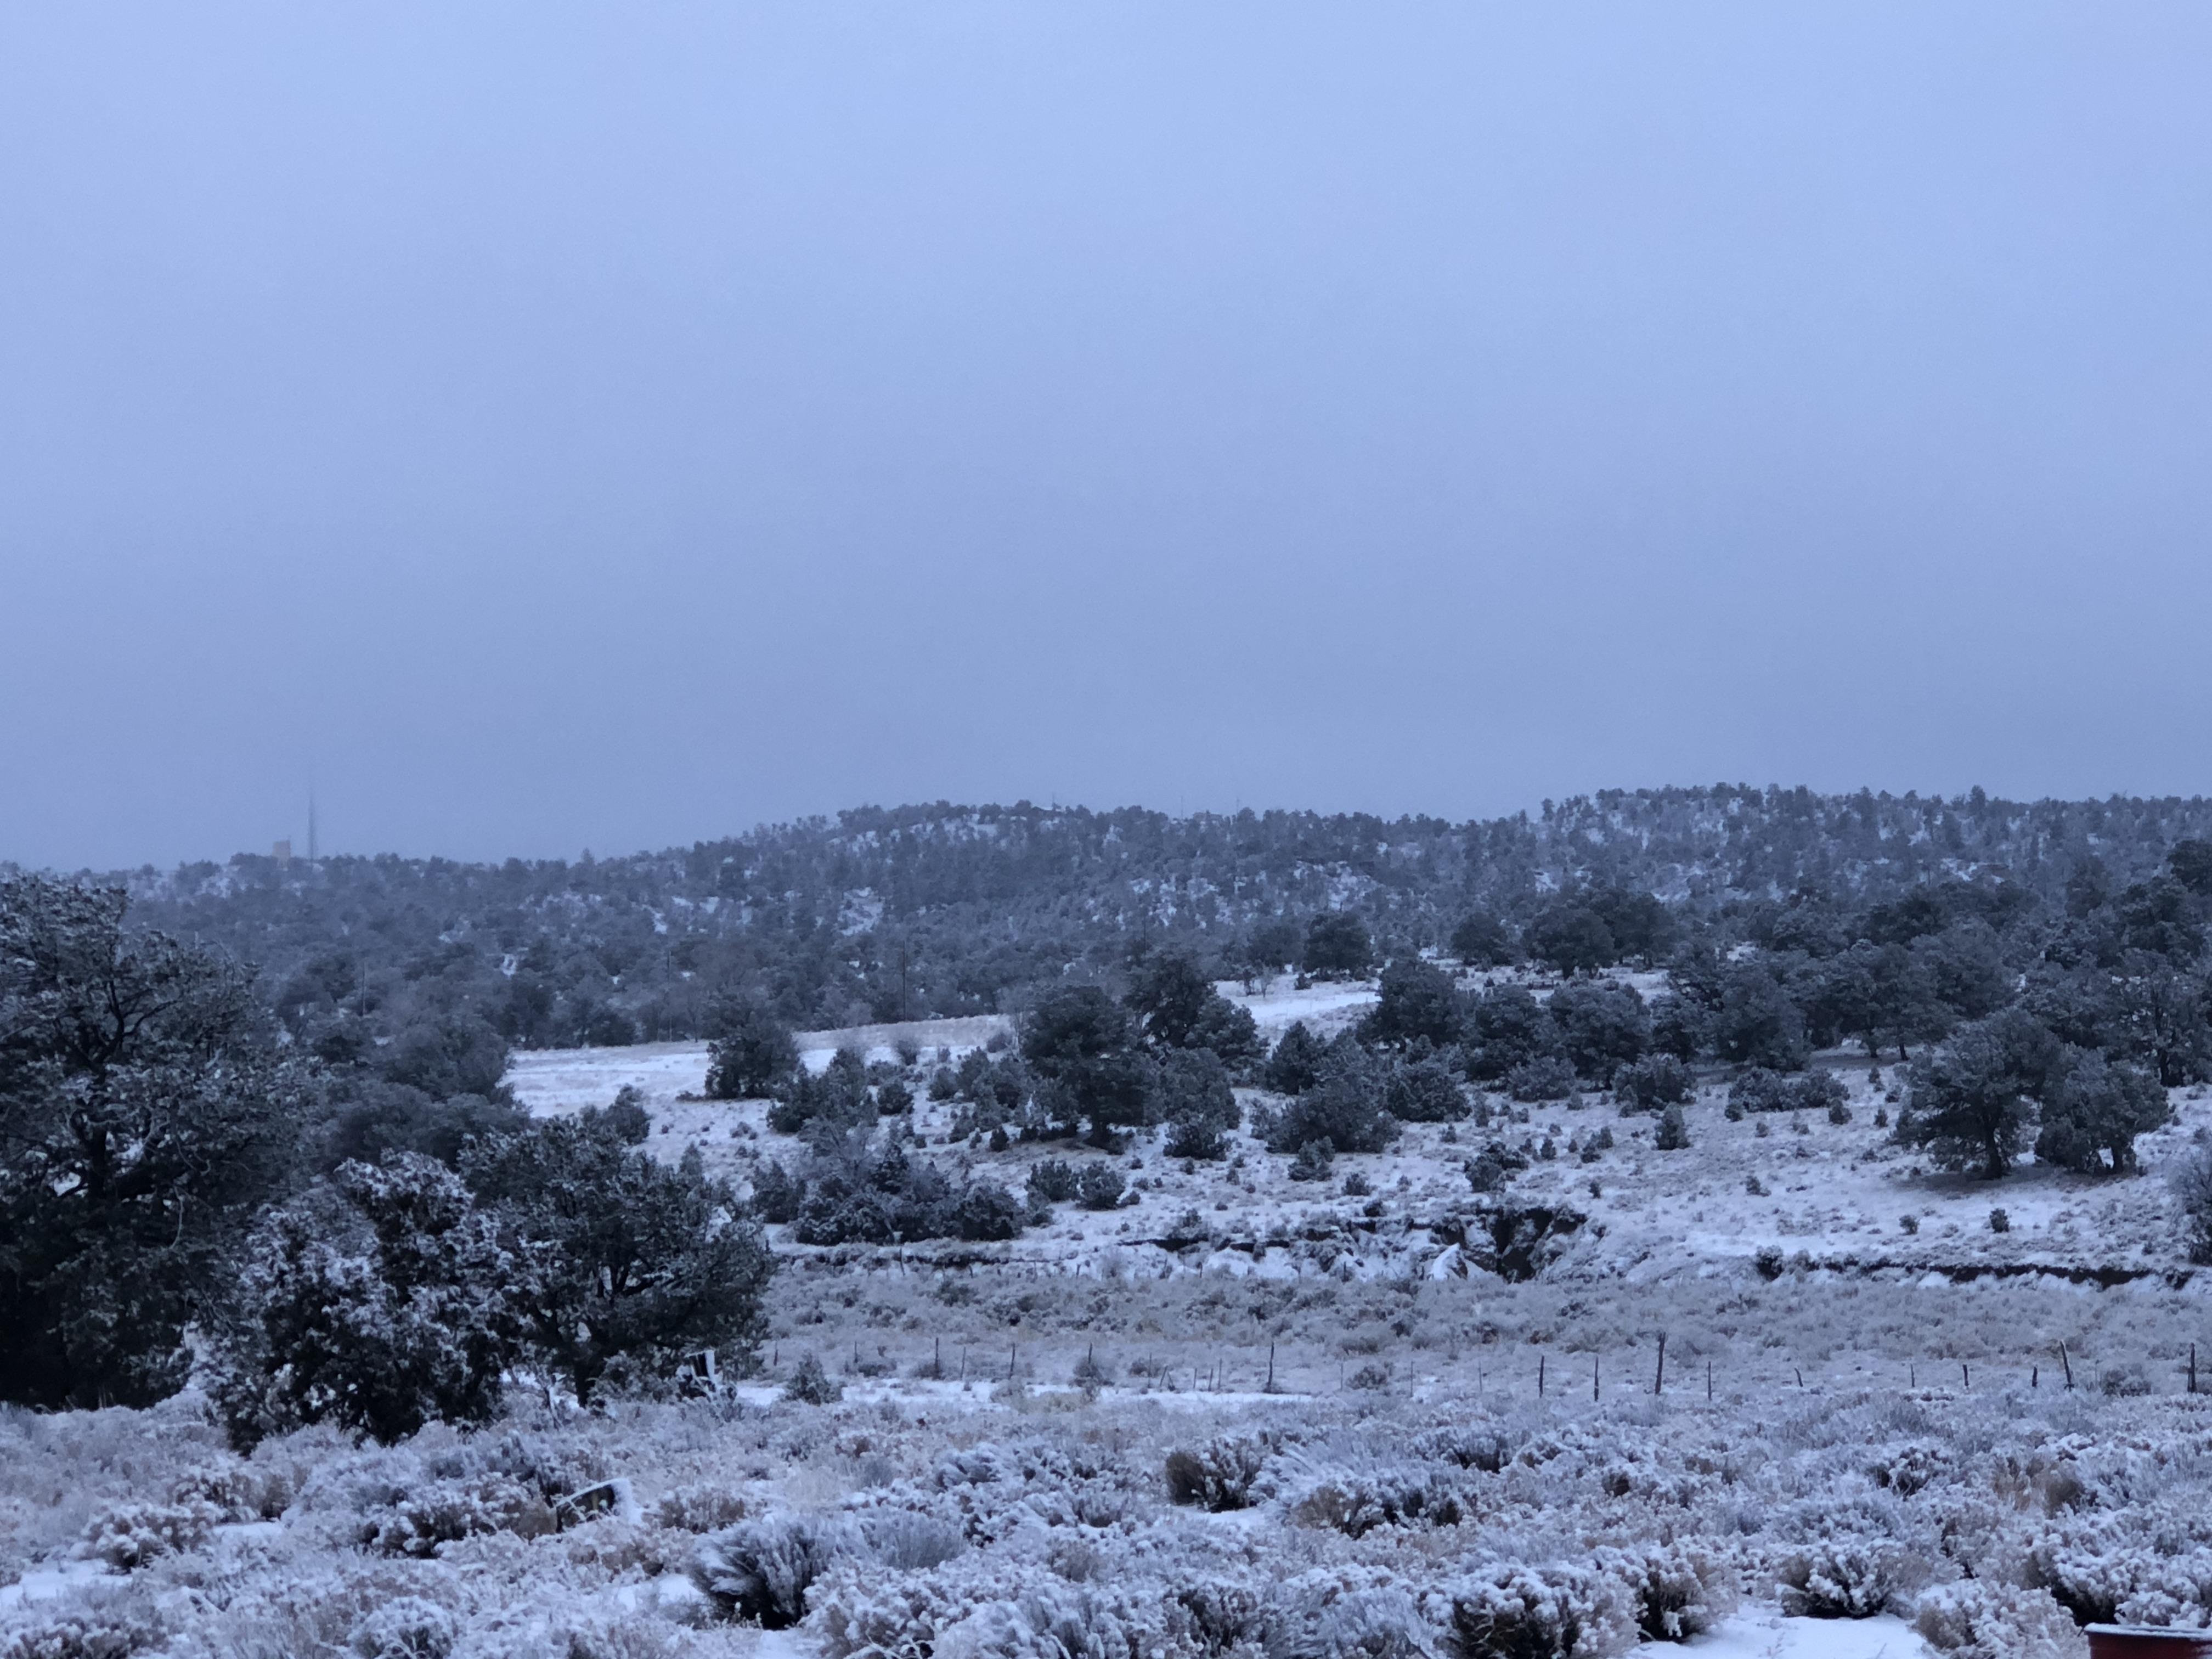 Morning valley snowfall.